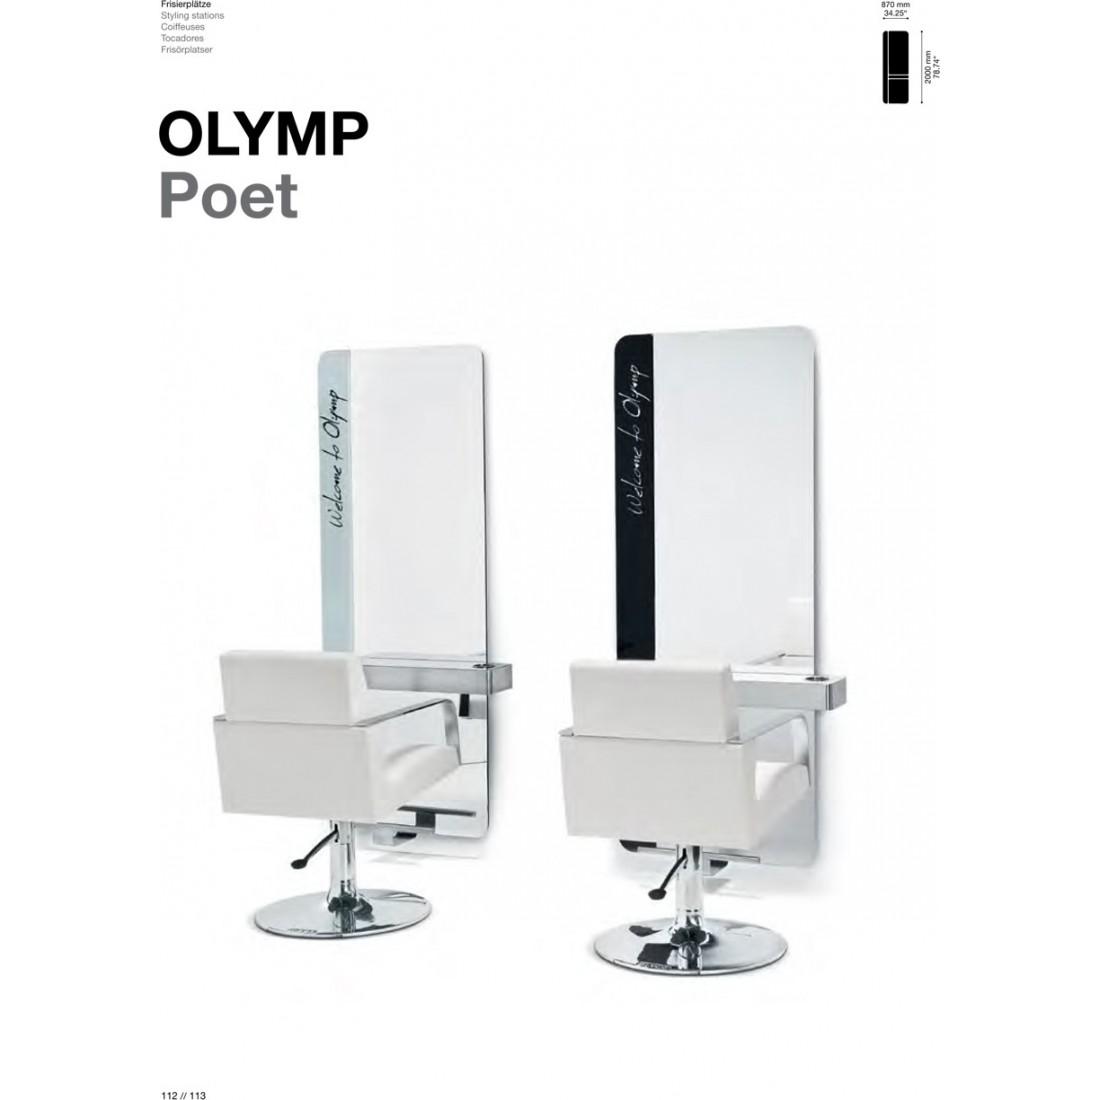 TABLE DE COIFFAGE OLYMP POET